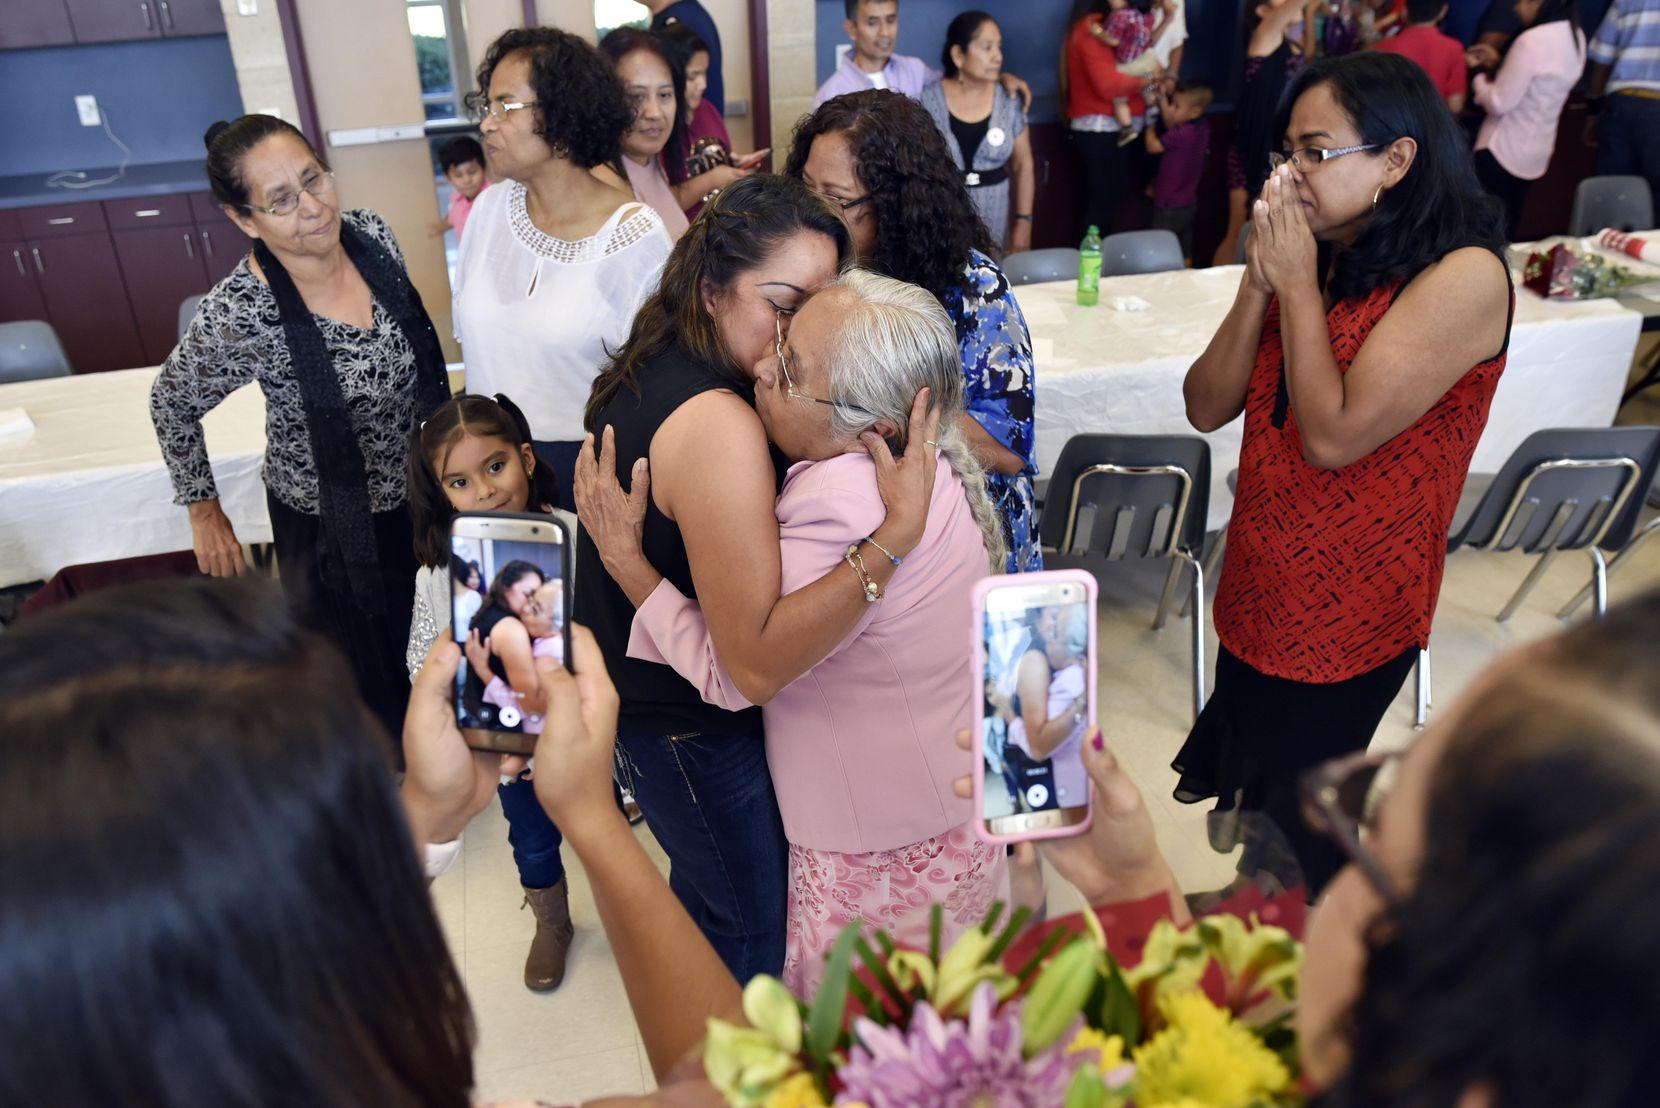 Alicia Sánchez no veía a su madre desde hace 22 años. Finalmente se pudo reunir con ella en Garland, gracias a un programa de morelenses.BEN TORRES/AL DIA